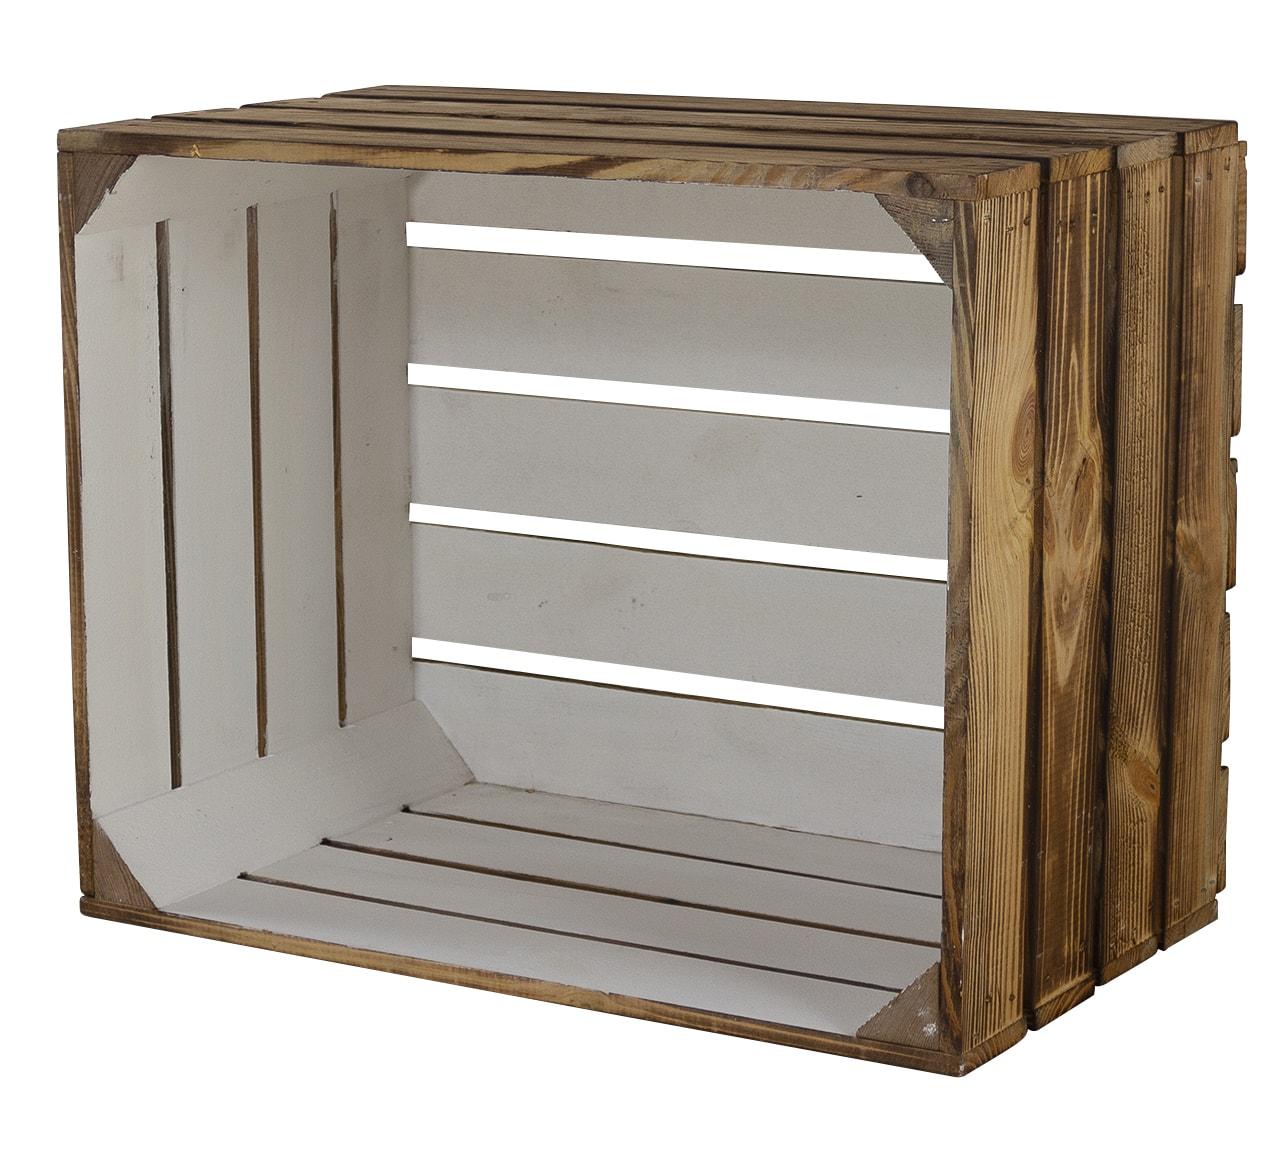 Holzkiste außen geflammt innen weiß 50x40x30cm